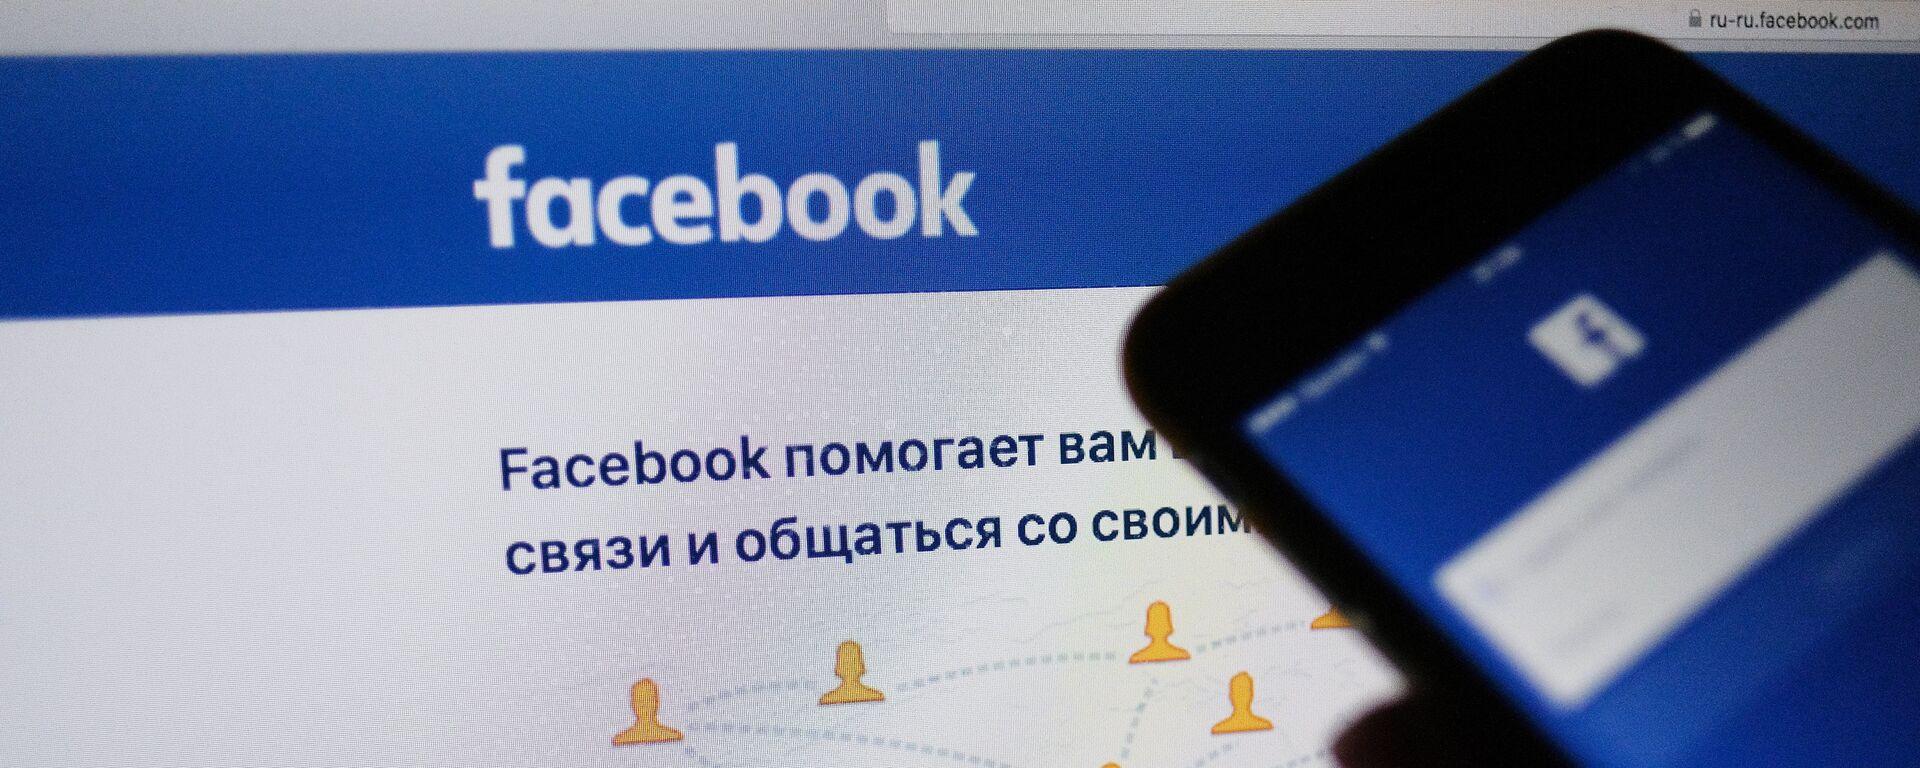 Социальная сеть Фейсбук, архивное фото - Sputnik Тоҷикистон, 1920, 28.05.2018